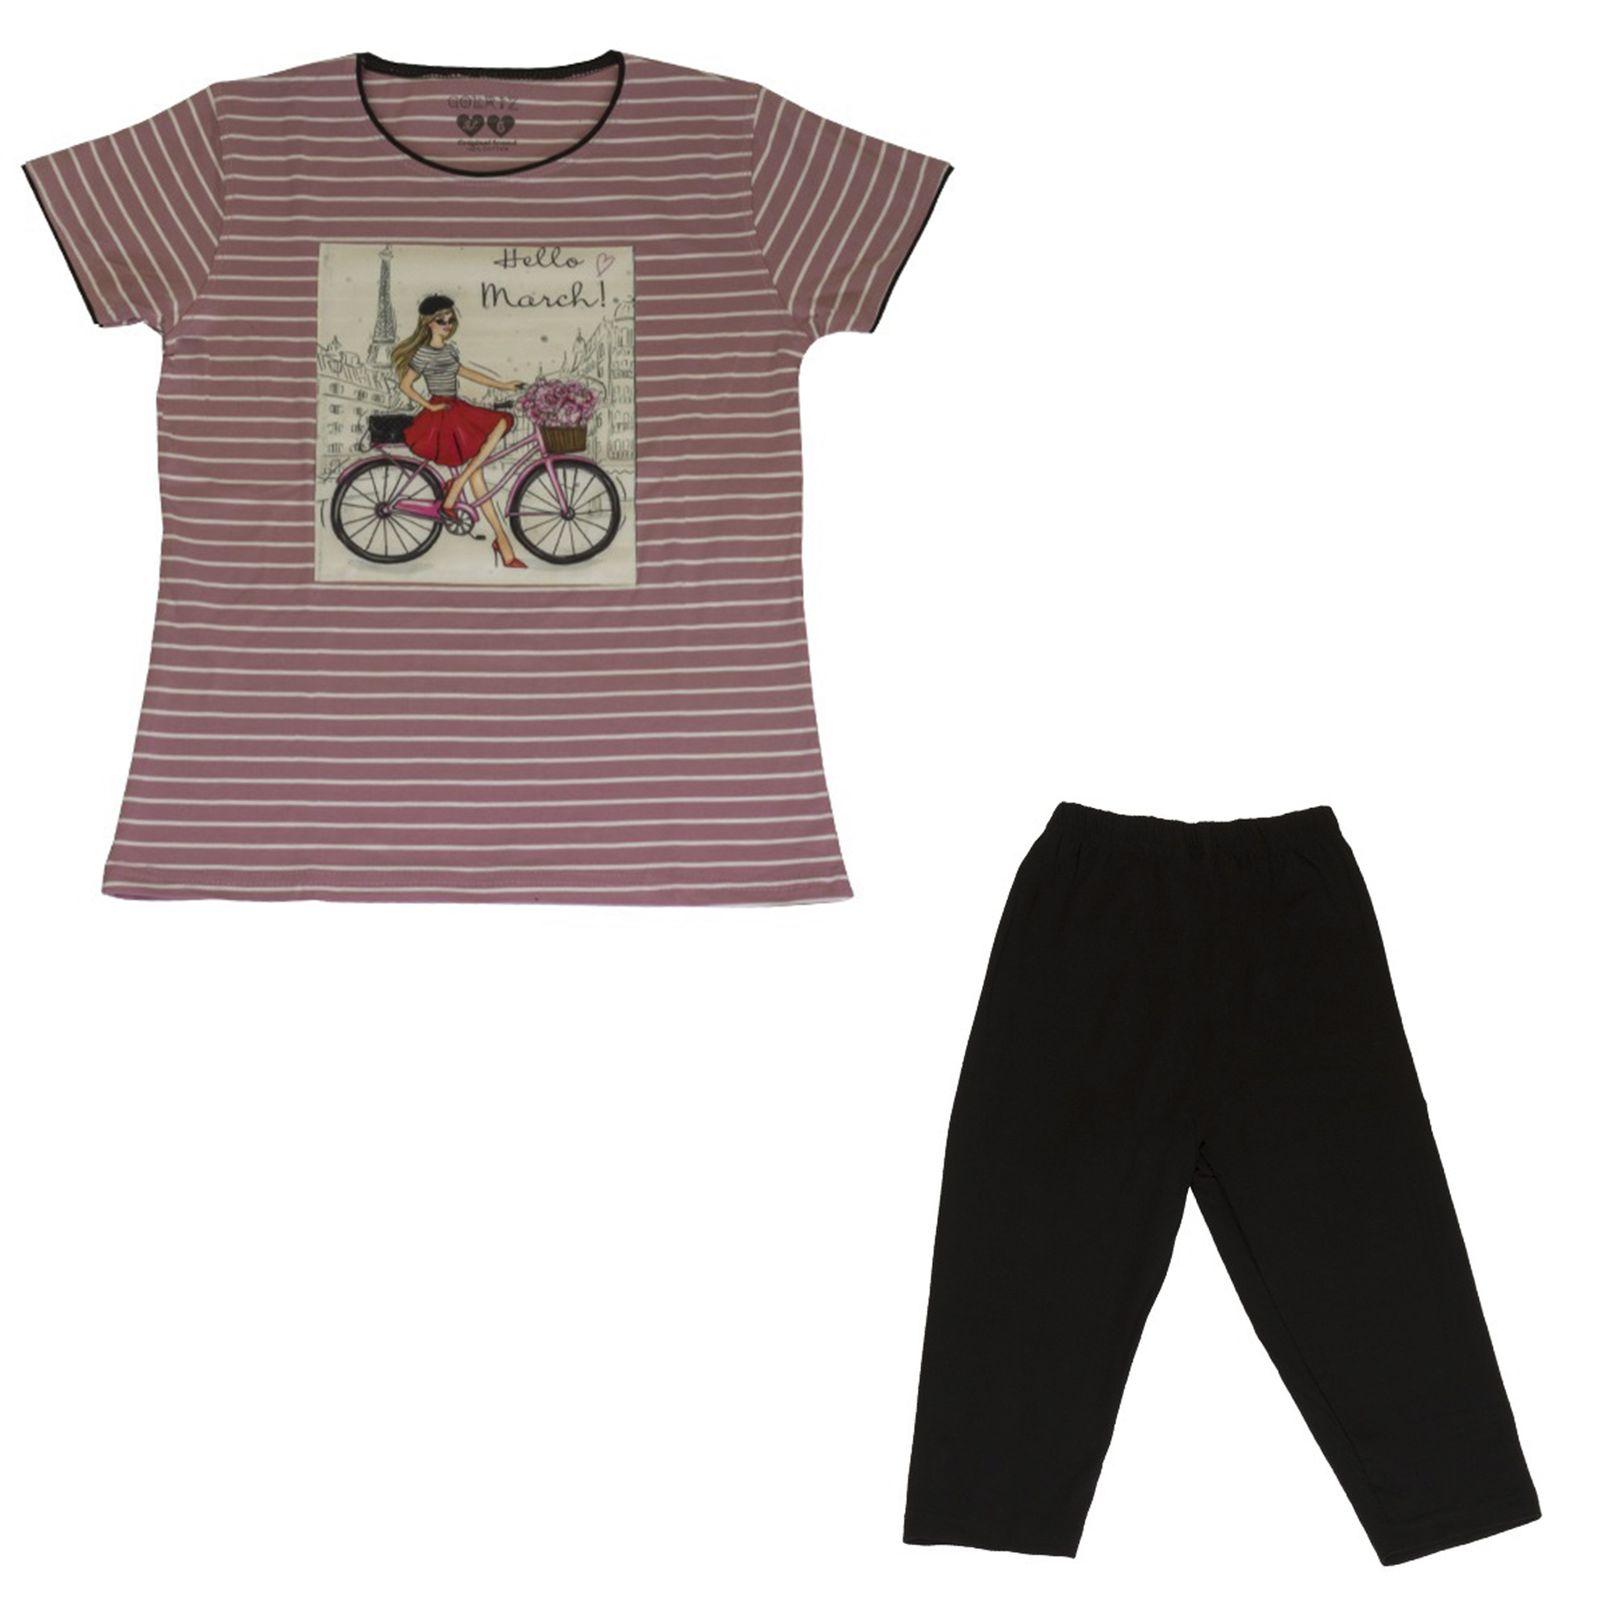 ست تیشرت و شلوارک دخترانه گلریز کد 99135 رنگ صورتی  -  - 2